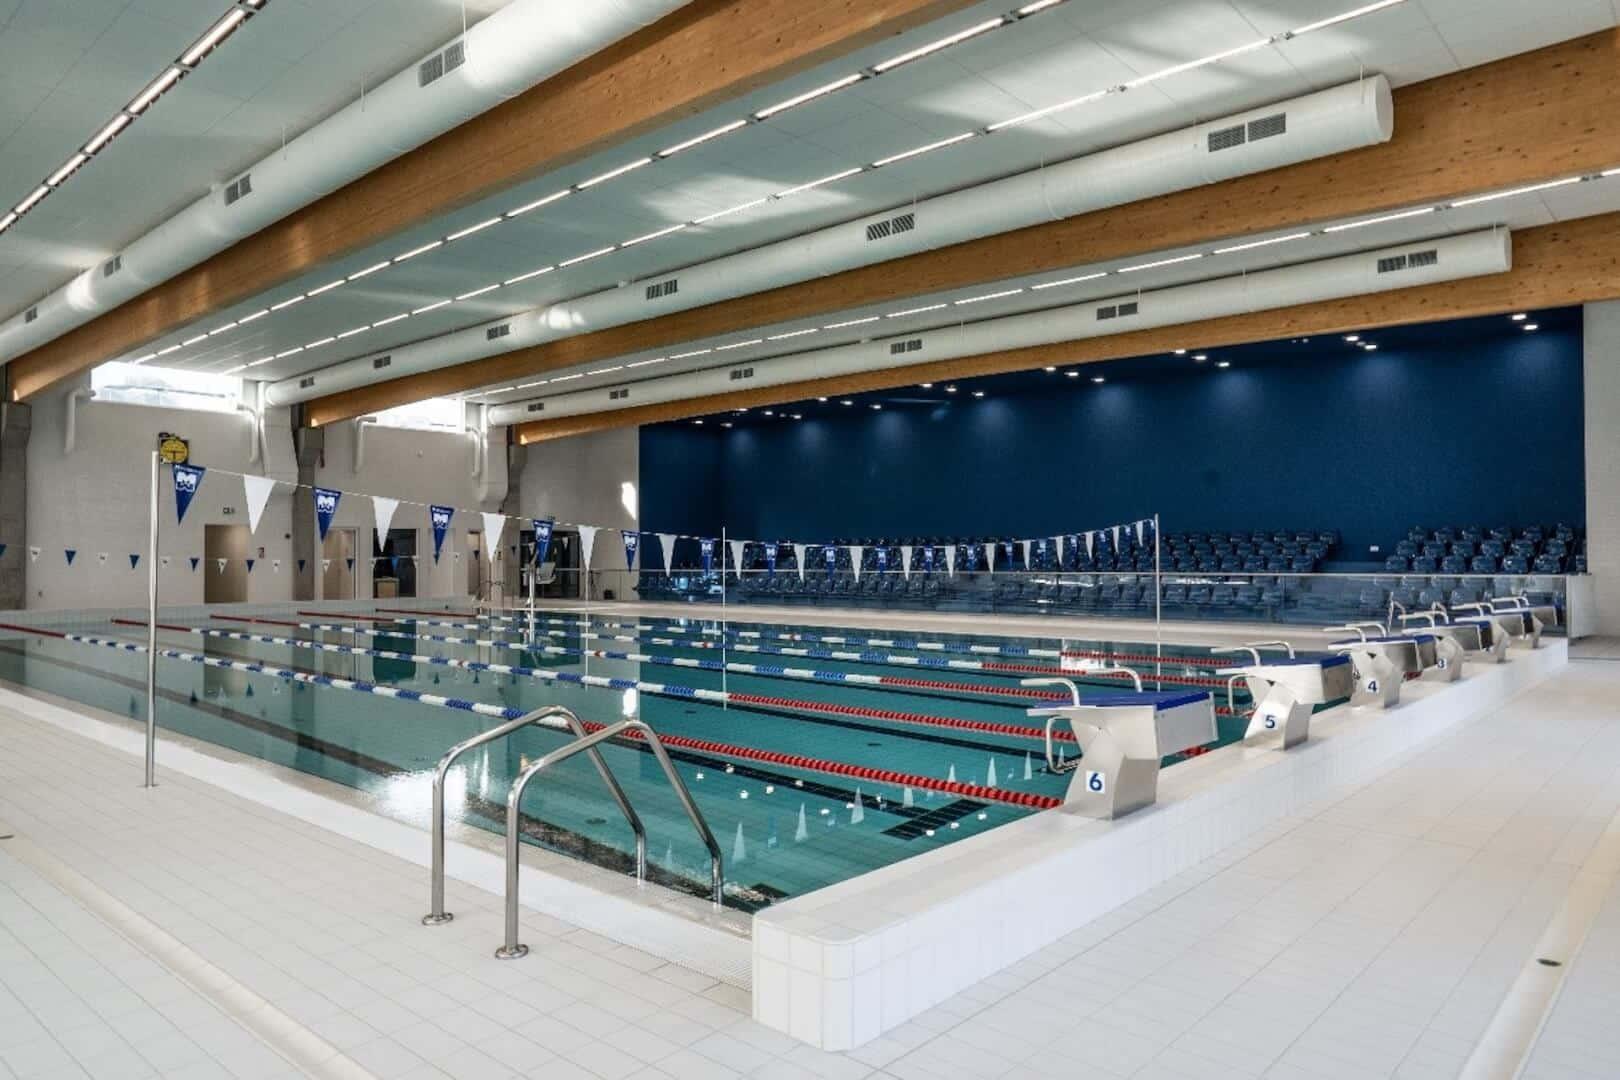 Na zdjęciu widać basen sportowy